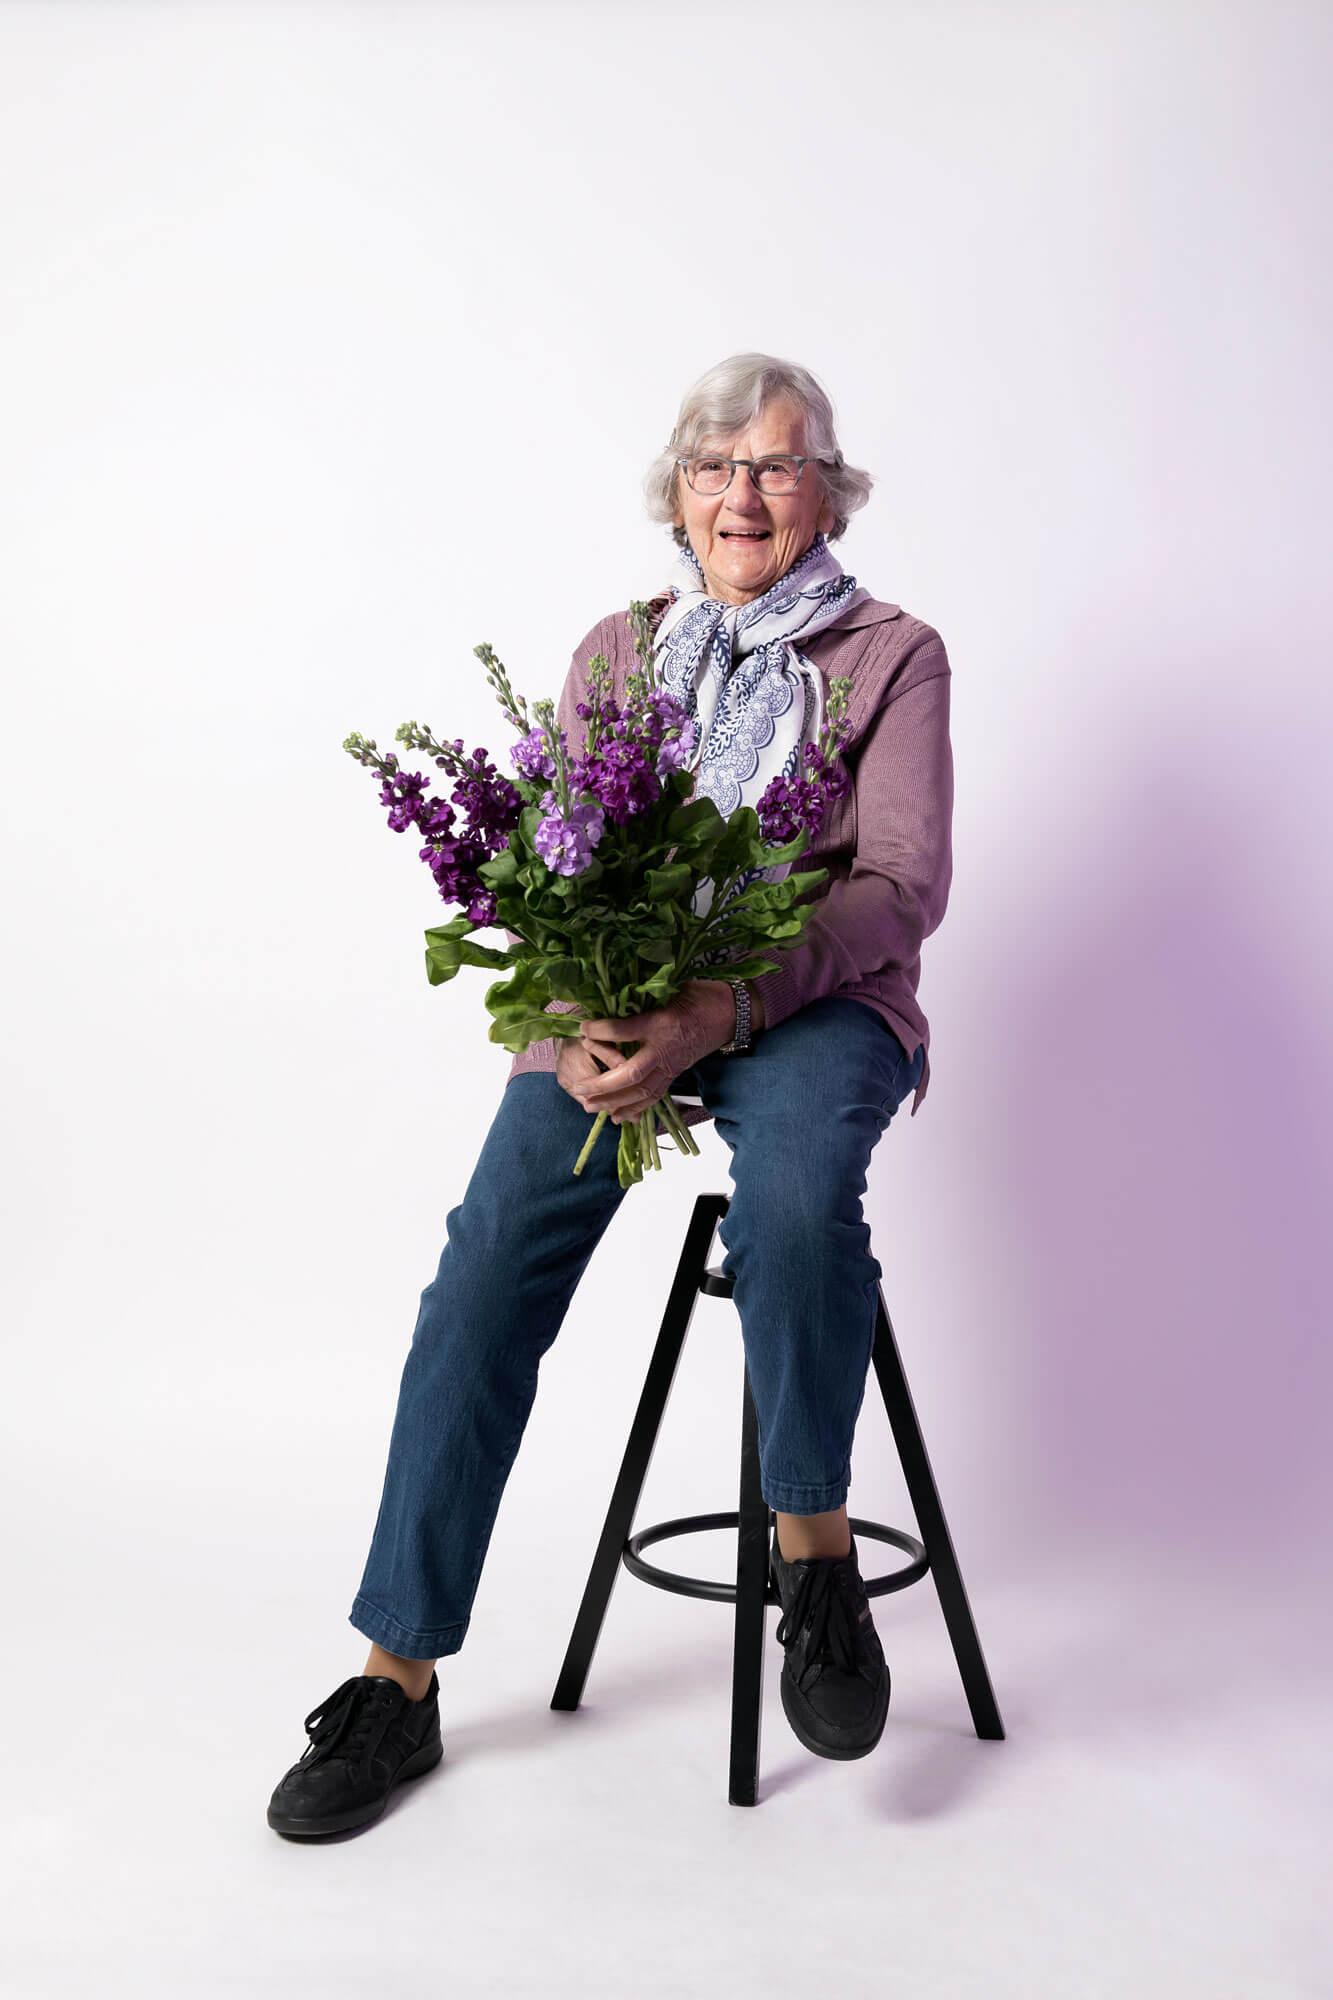 Trees op een kruk met haar favoriete bloemen de violier voor meaning of meaning